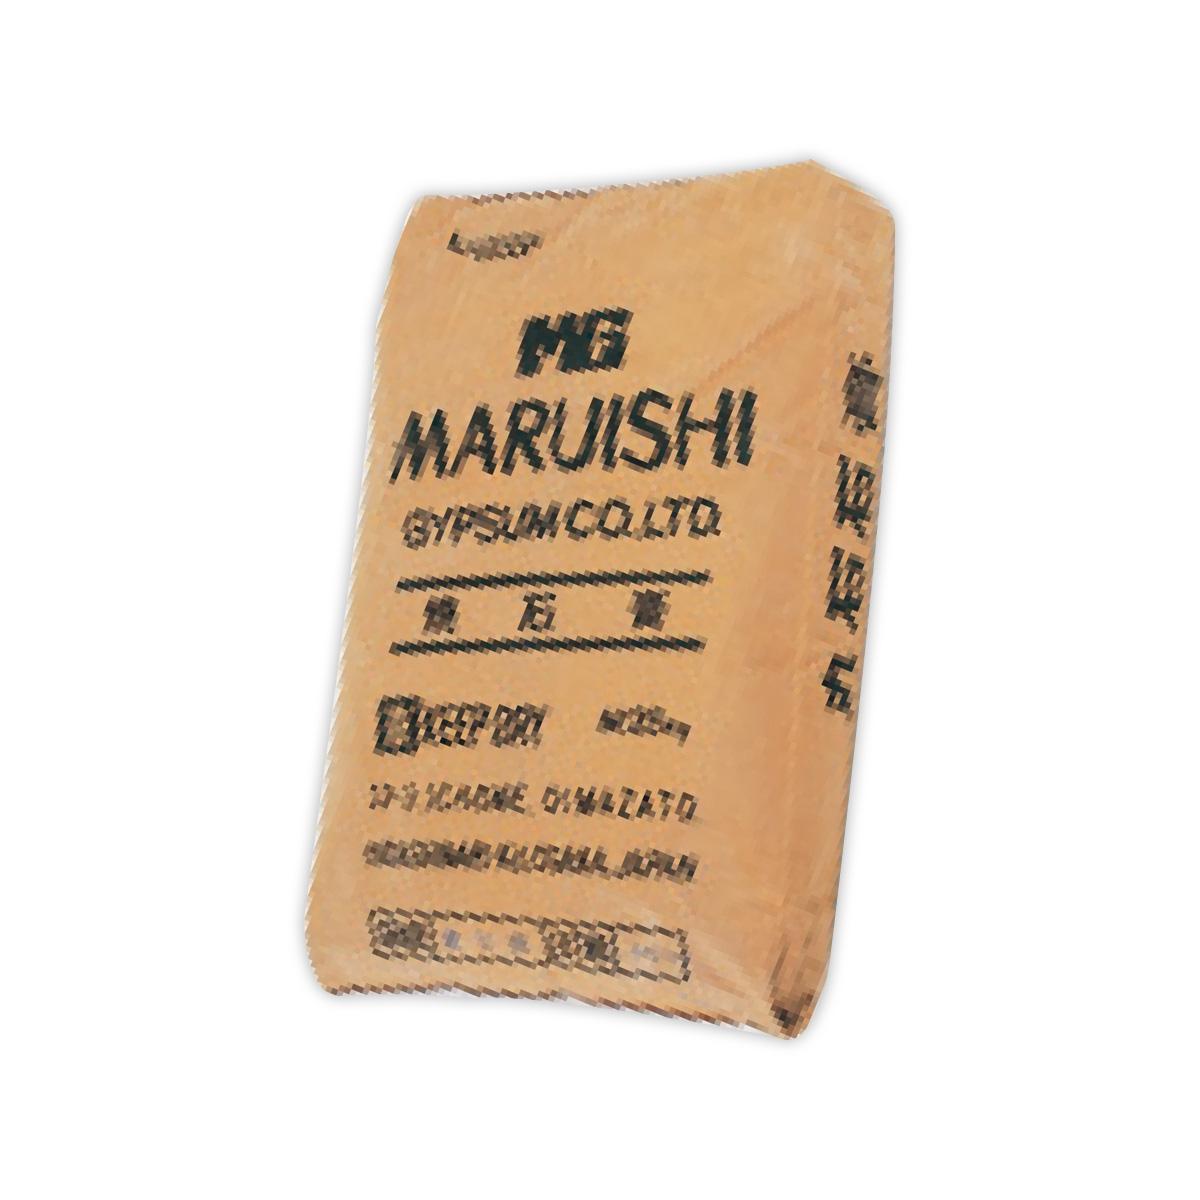 石膏粉末 25kg 石膏 粘土 工作 彫塑 石膏材料 粘土細工 クリスマスプレゼント